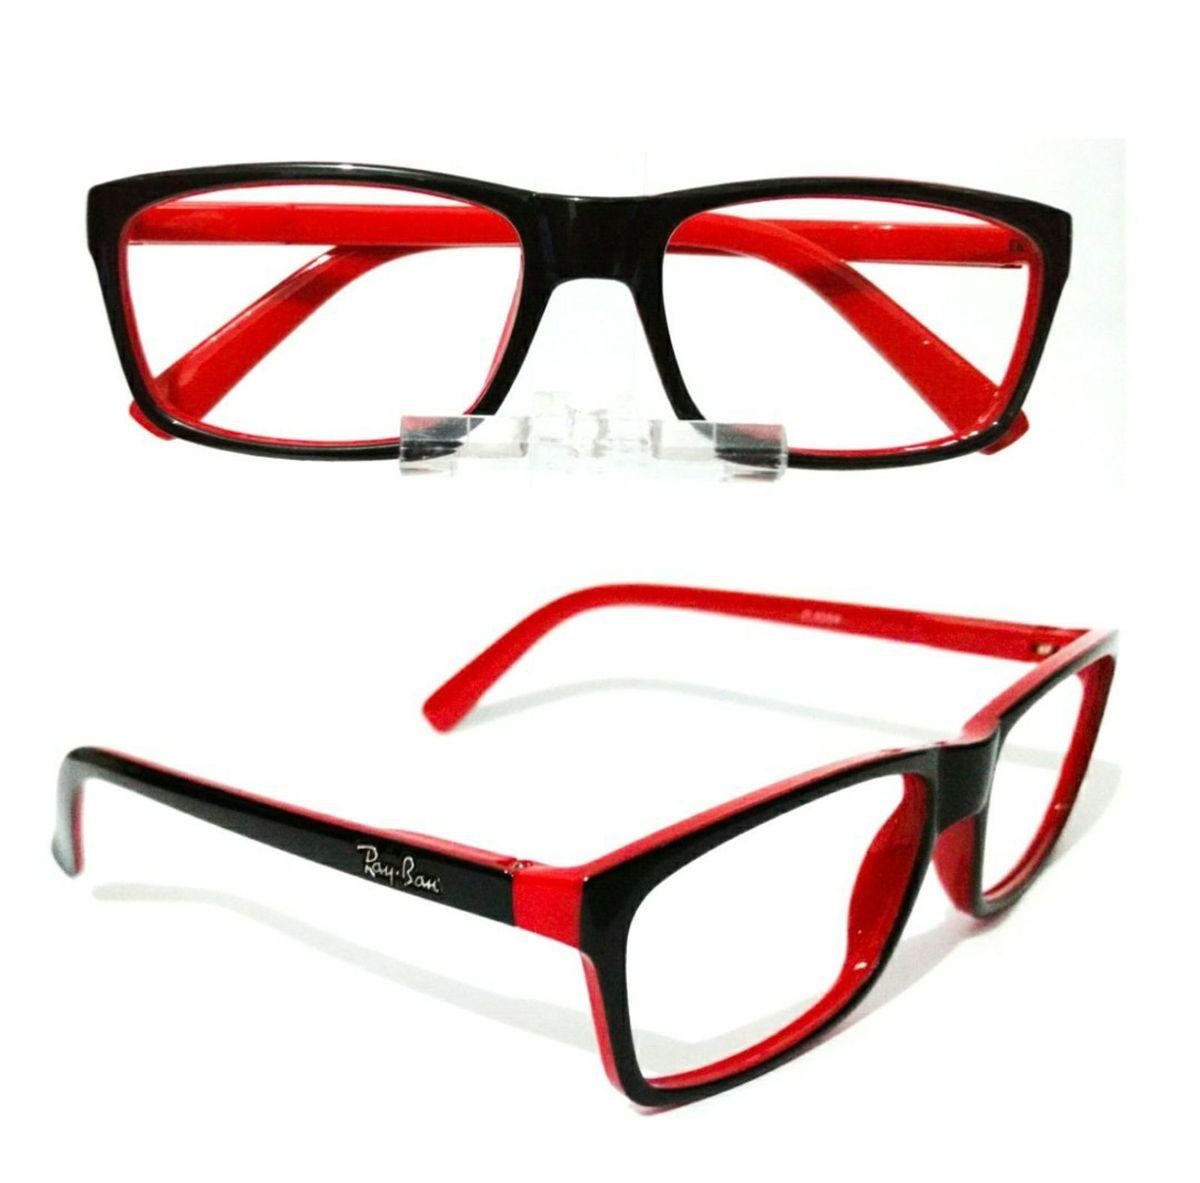 a2ead67e7 armação para óculos grau ray ban wayfarer feminino e masculino - óculos rb